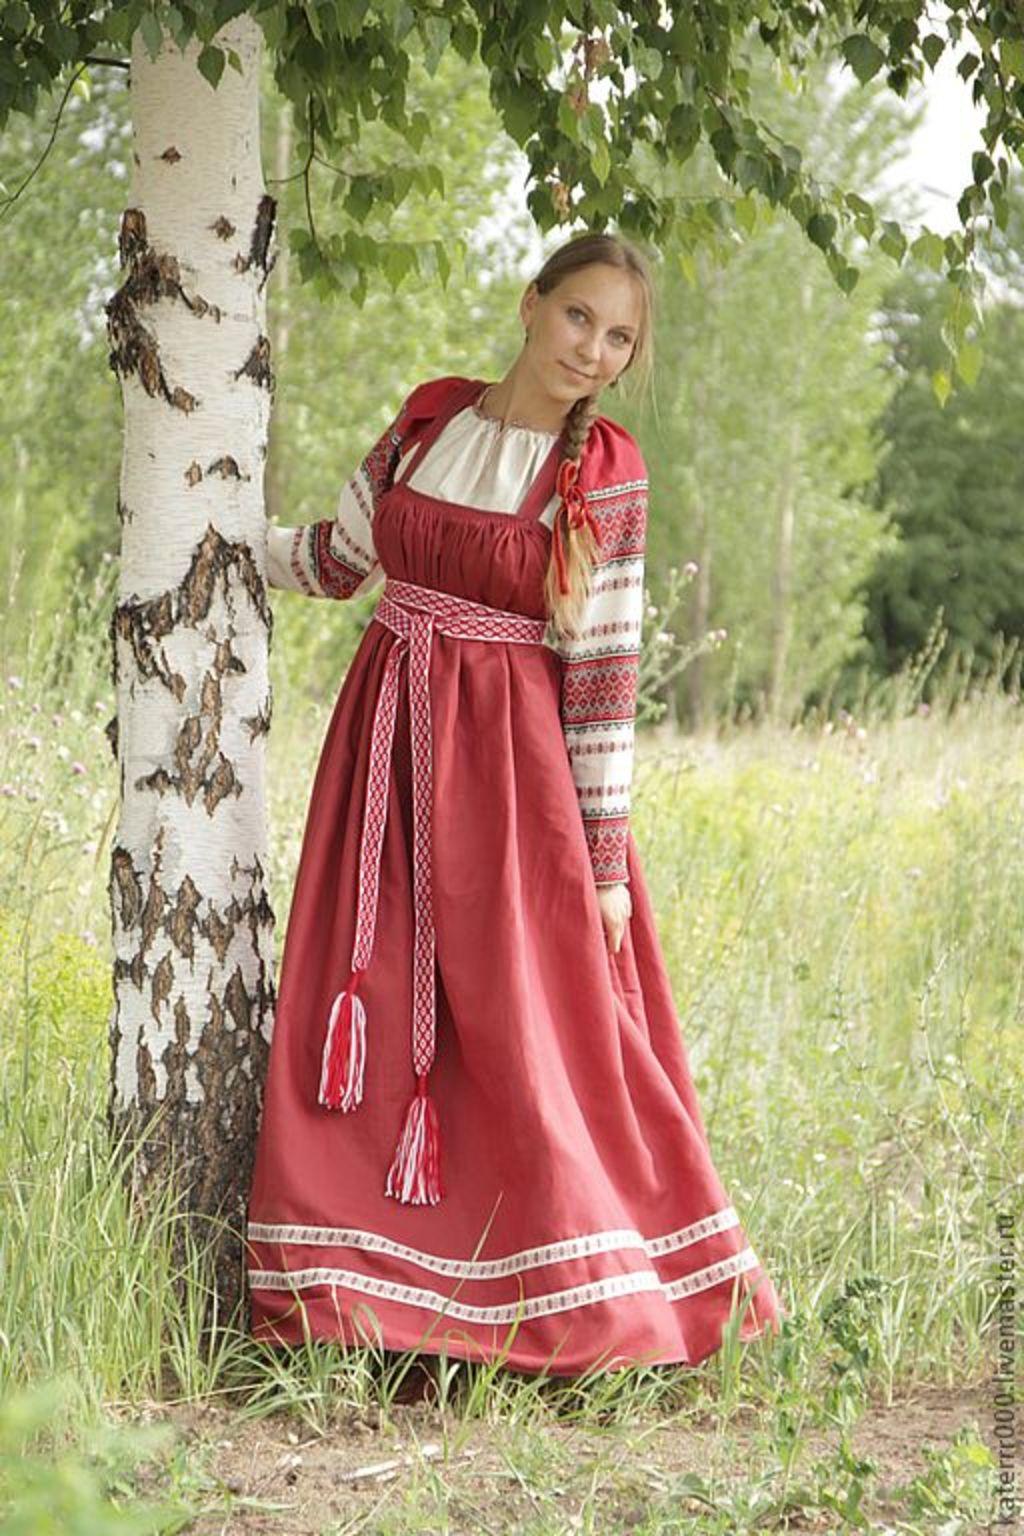 0a34960047-russkij-stil-narodnyj-kostyum-mod-11-n5967-1024